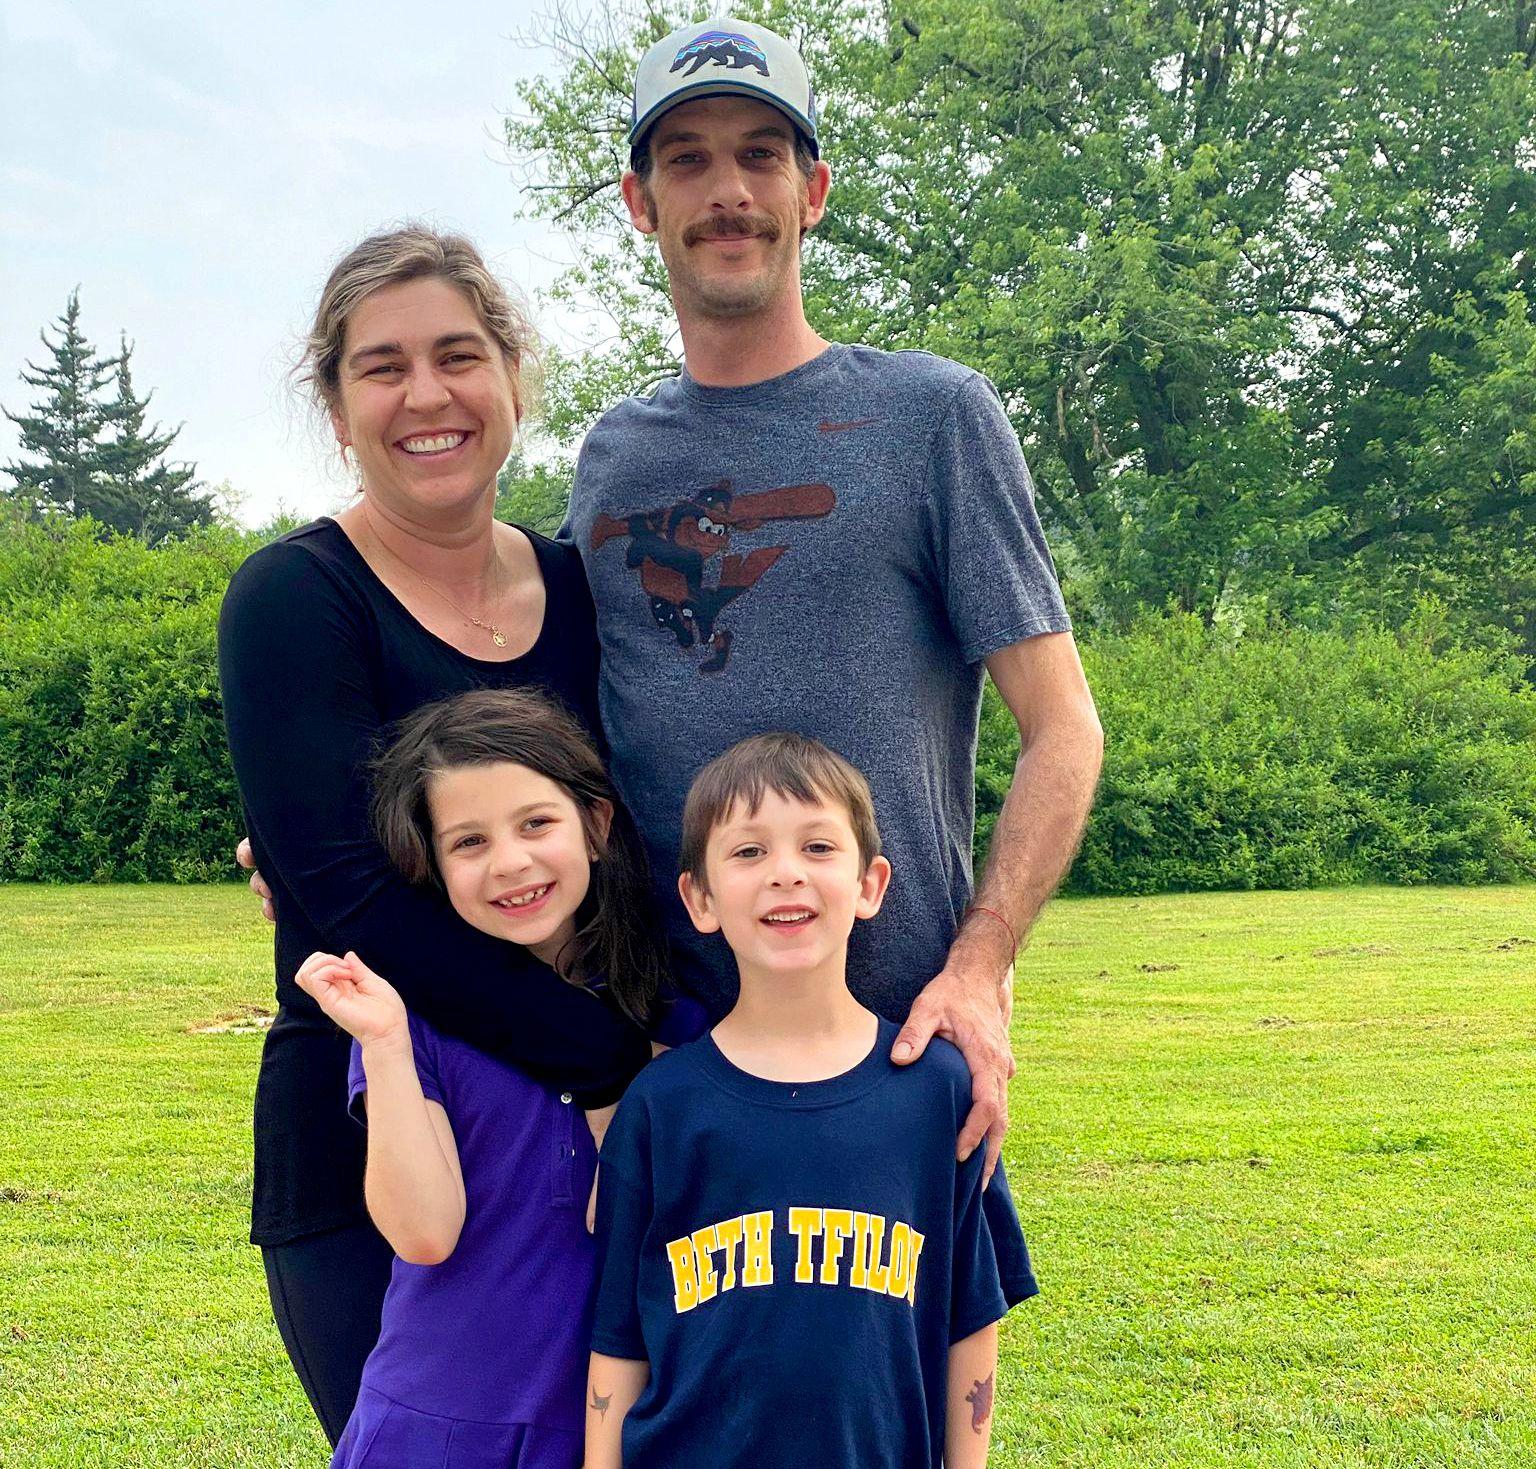 Cleveland family photo